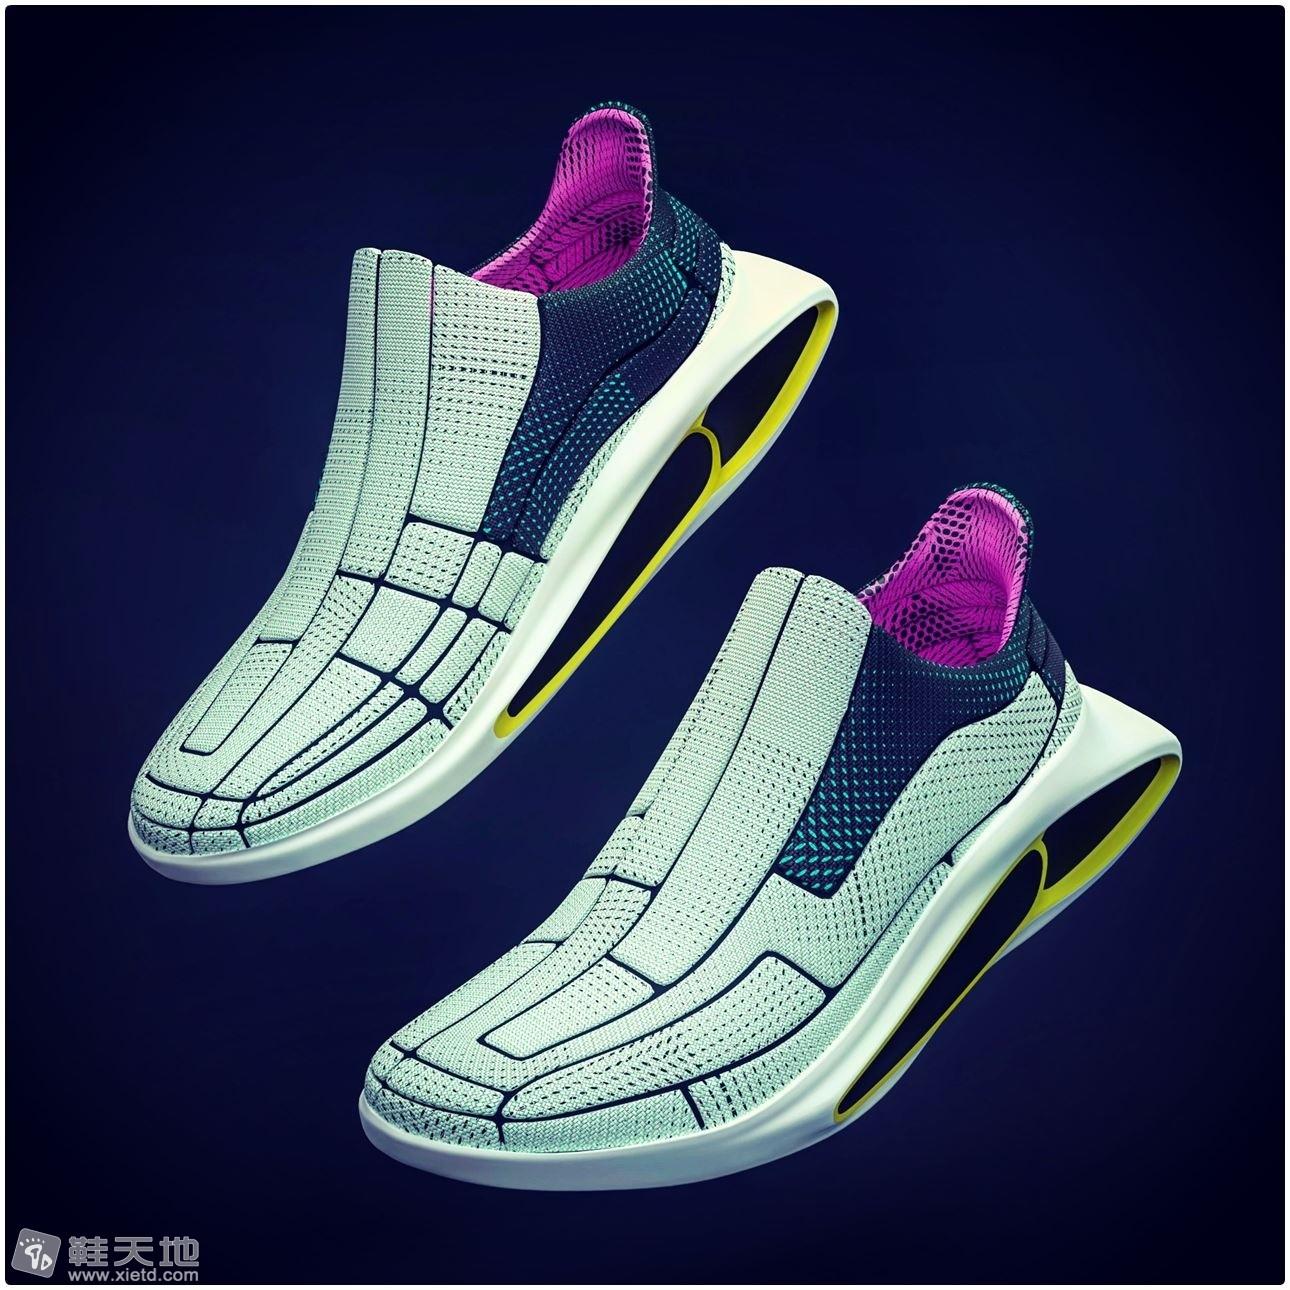 Sneaker concept (2).jpg